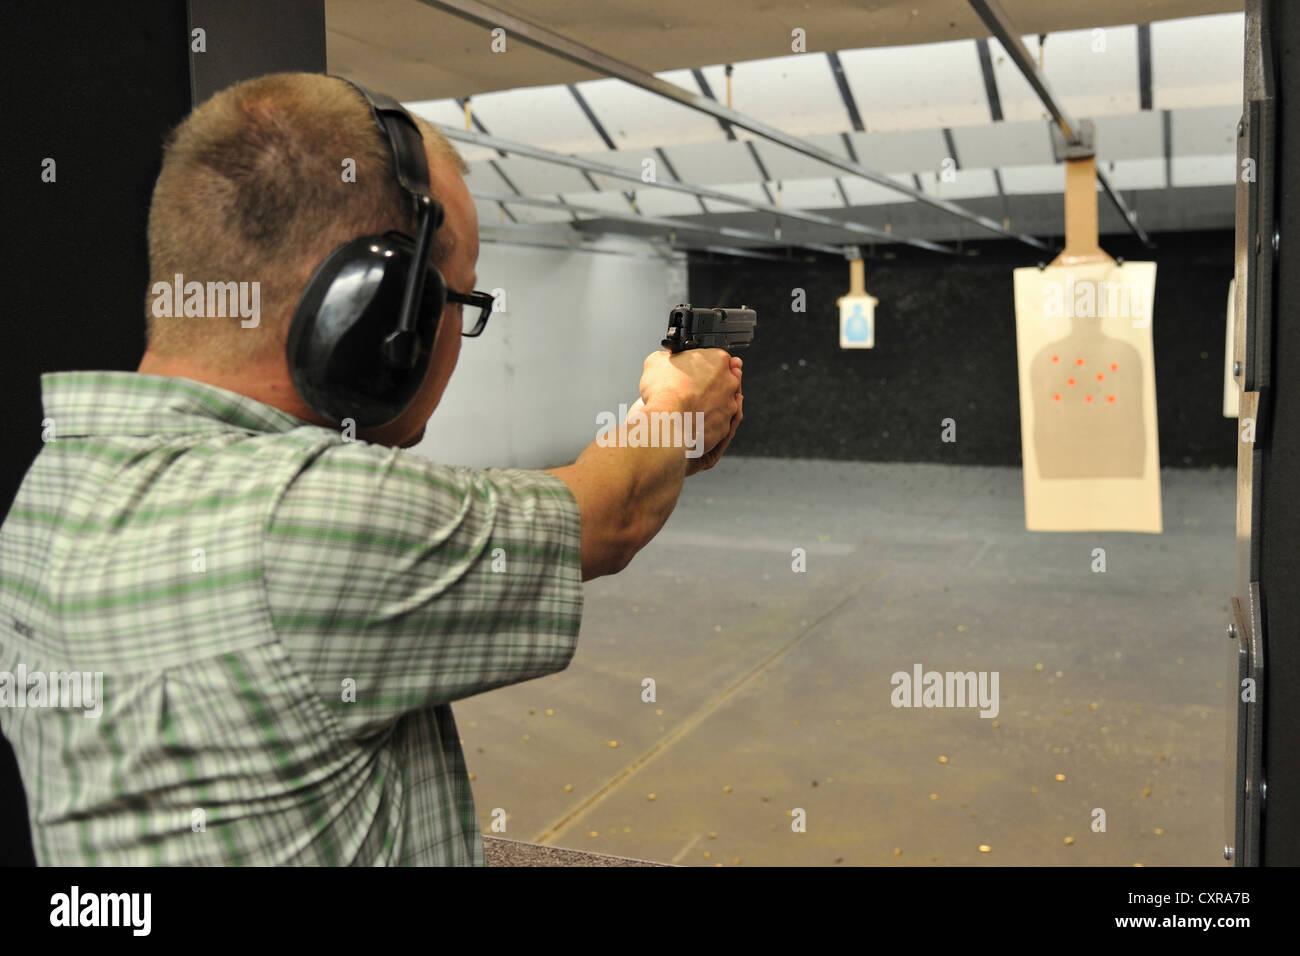 Male shooter aiming handgun during targeting practice at firing range, Colorado, USA - Stock Image